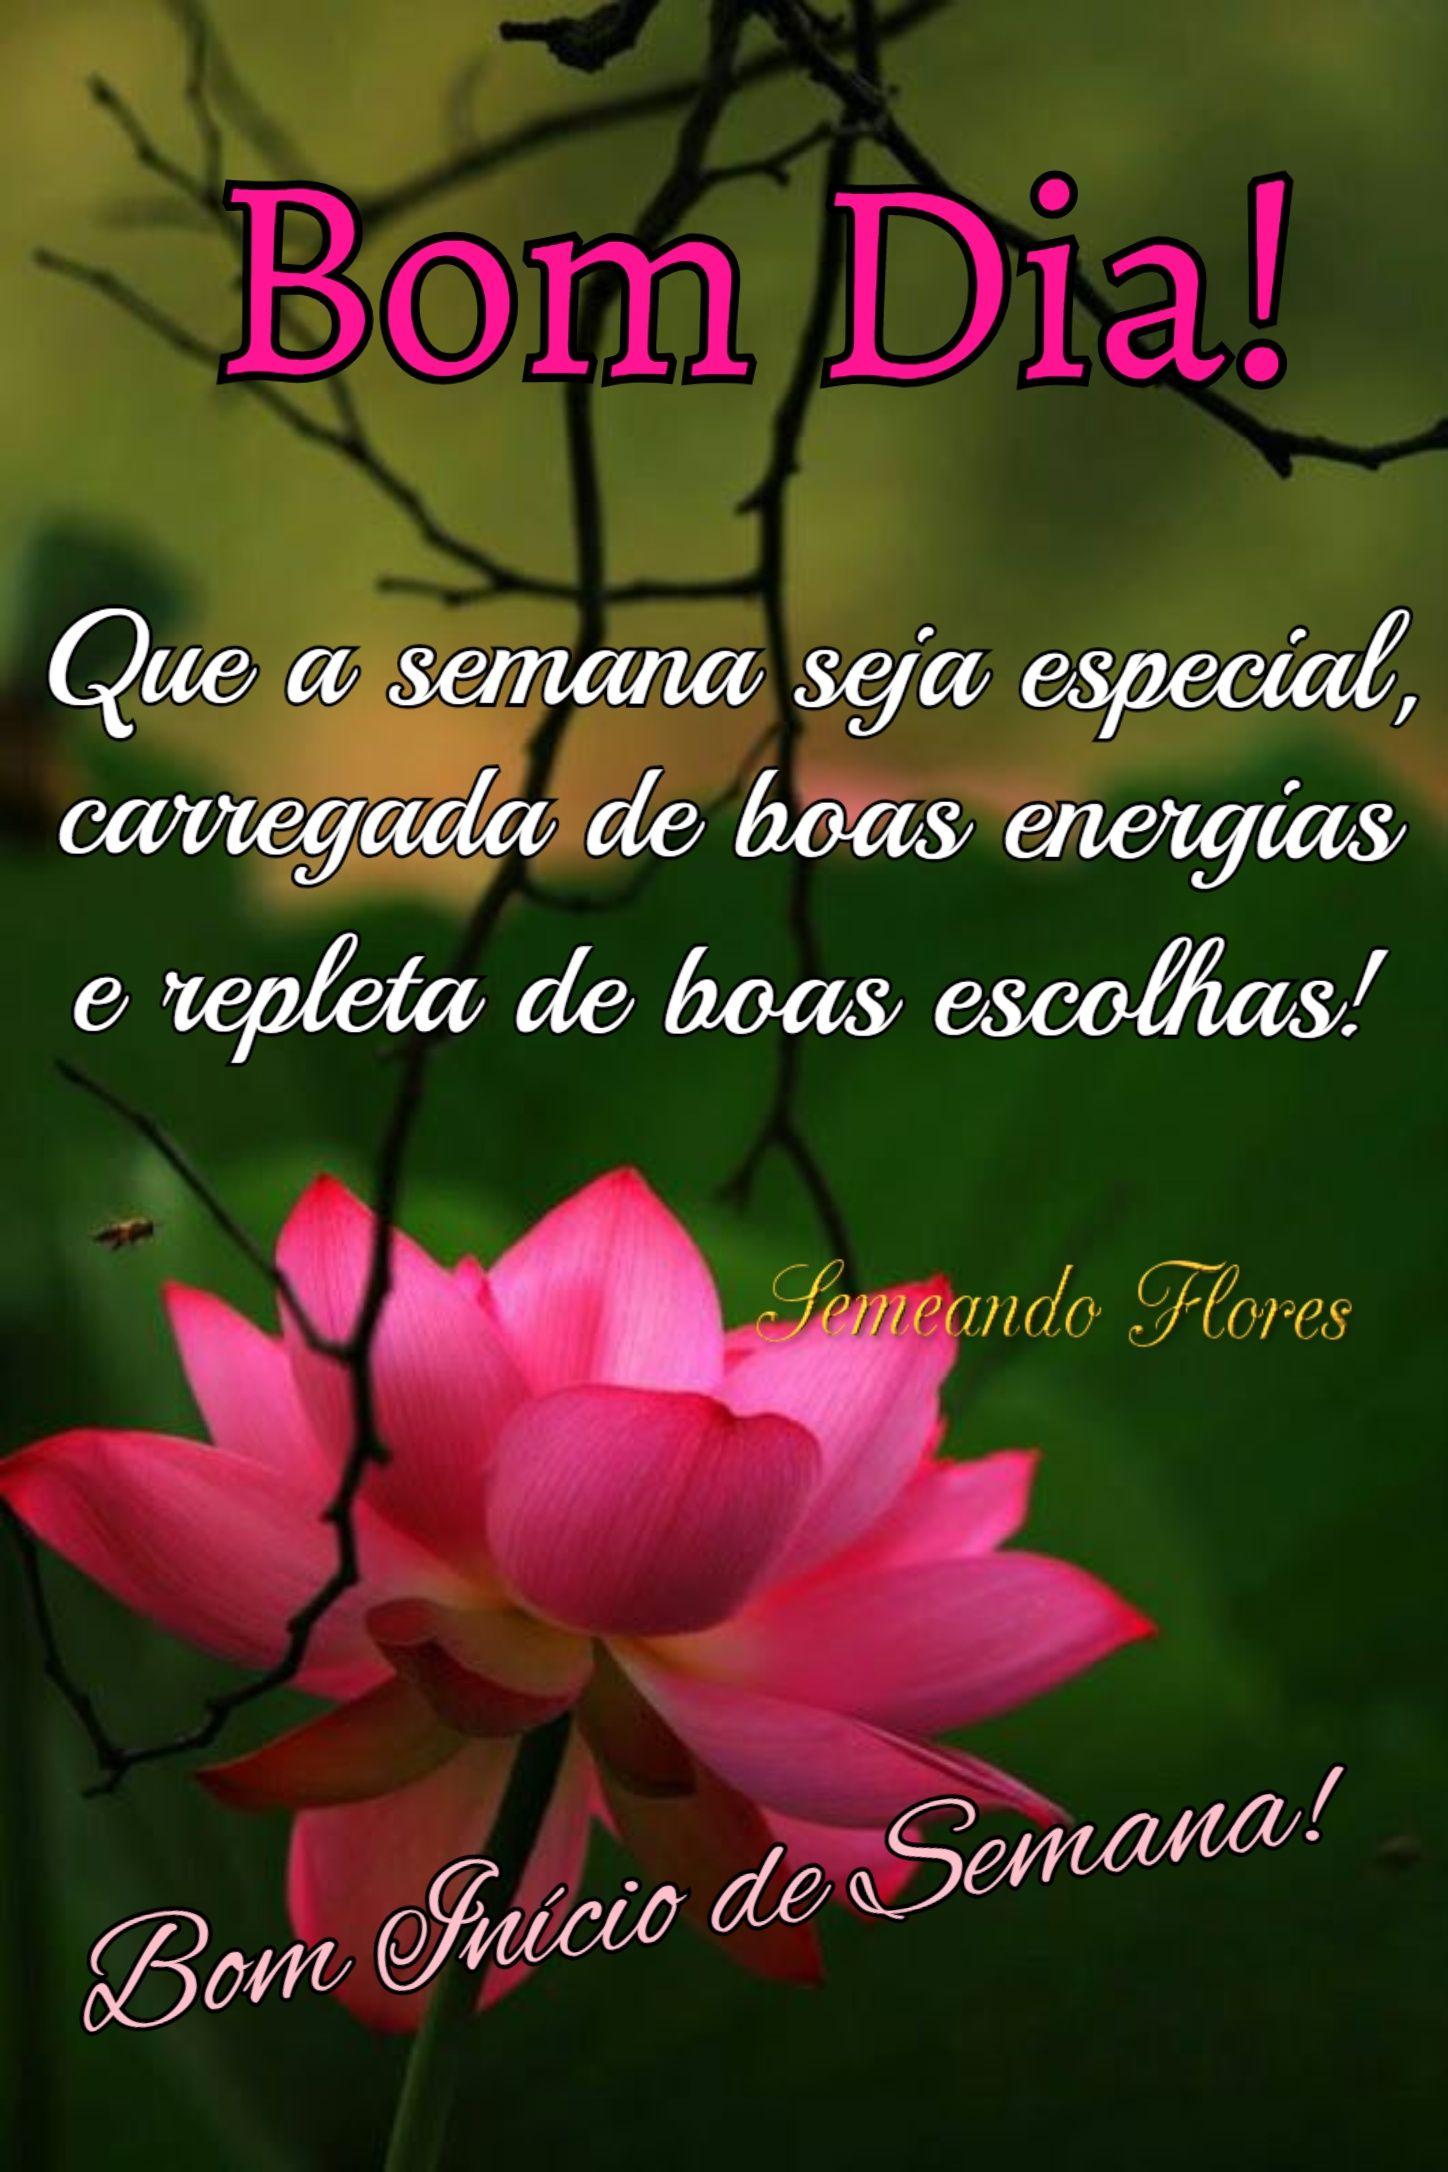 Pin De Maria M S Rosa Em Semana Com Imagens Mensagem De Bom